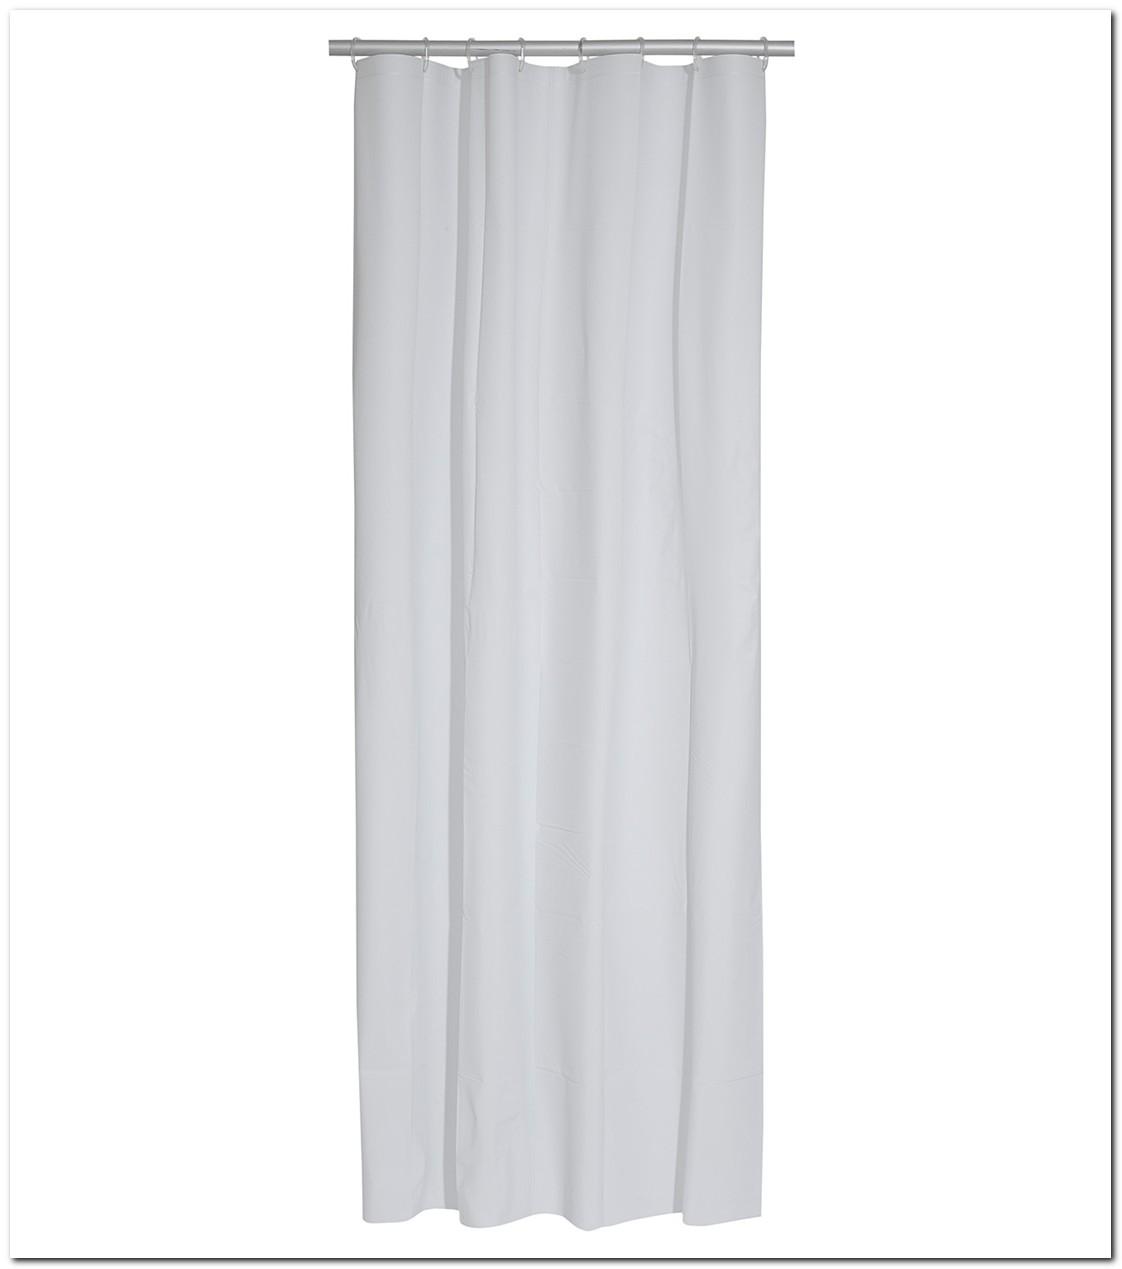 Rideau De Douche Textile 120x200